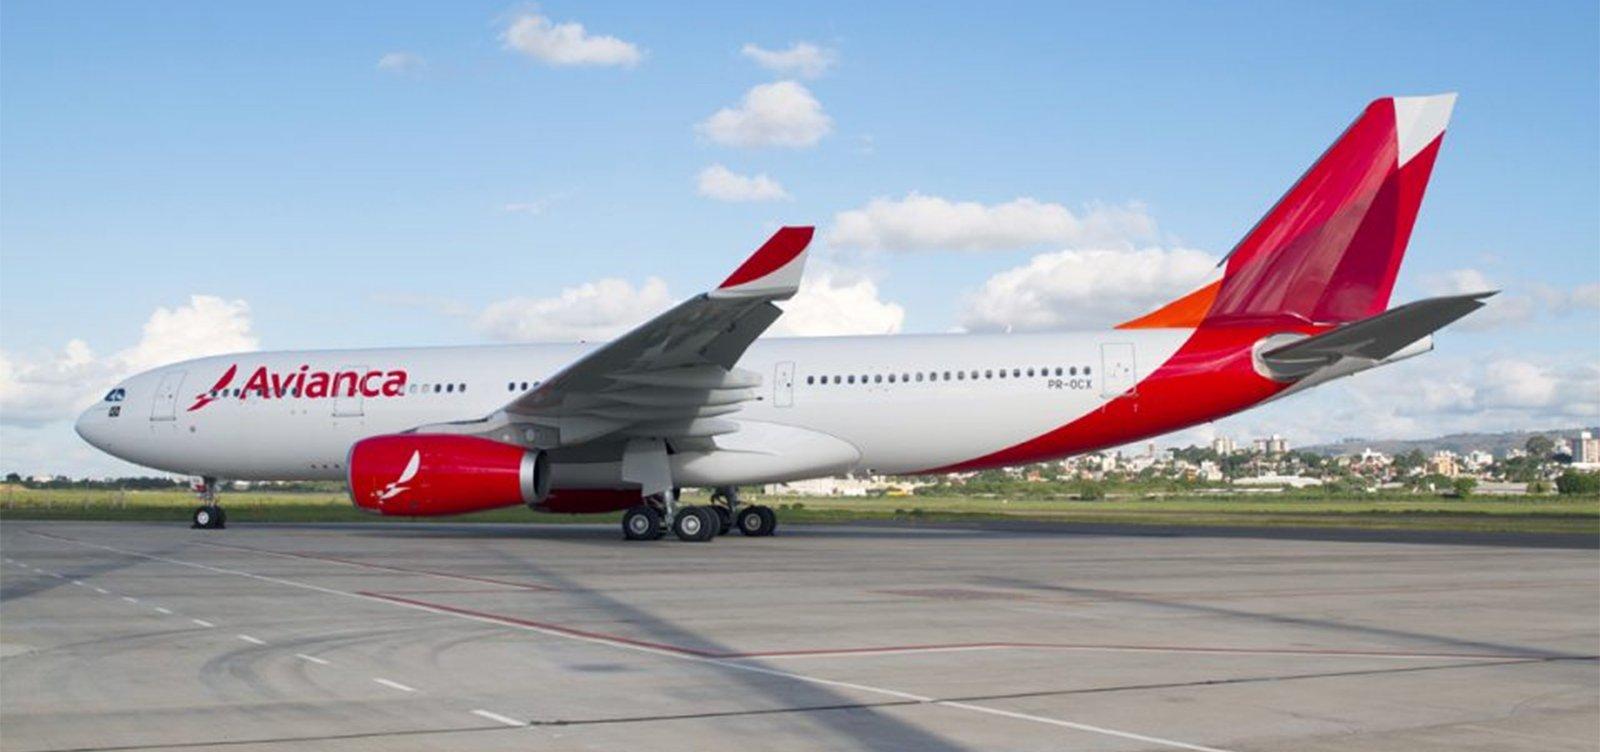 [Com devolução de aviões, Avianca reduz em 66% número de voos]